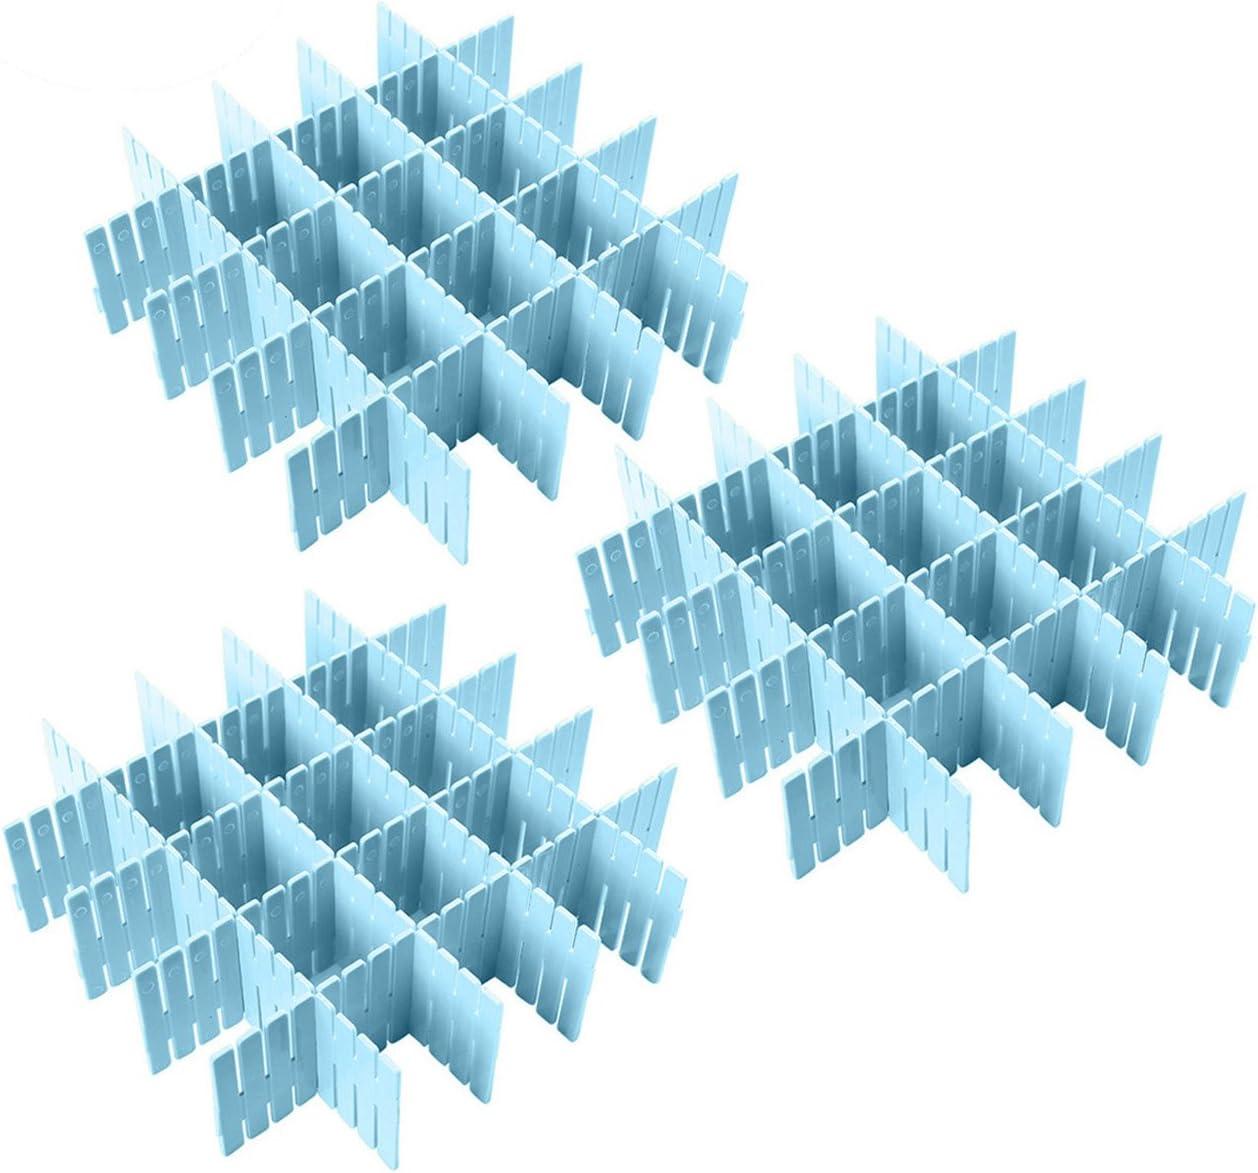 Calcetines Sujetadores Azul Ropa Interior Coralpearl Separadores de Cajones de Pl/ástico para Escritorio Bufandas Cubiertos de Cocina Camisetas Organizador de Almacenamiento para Corbatas